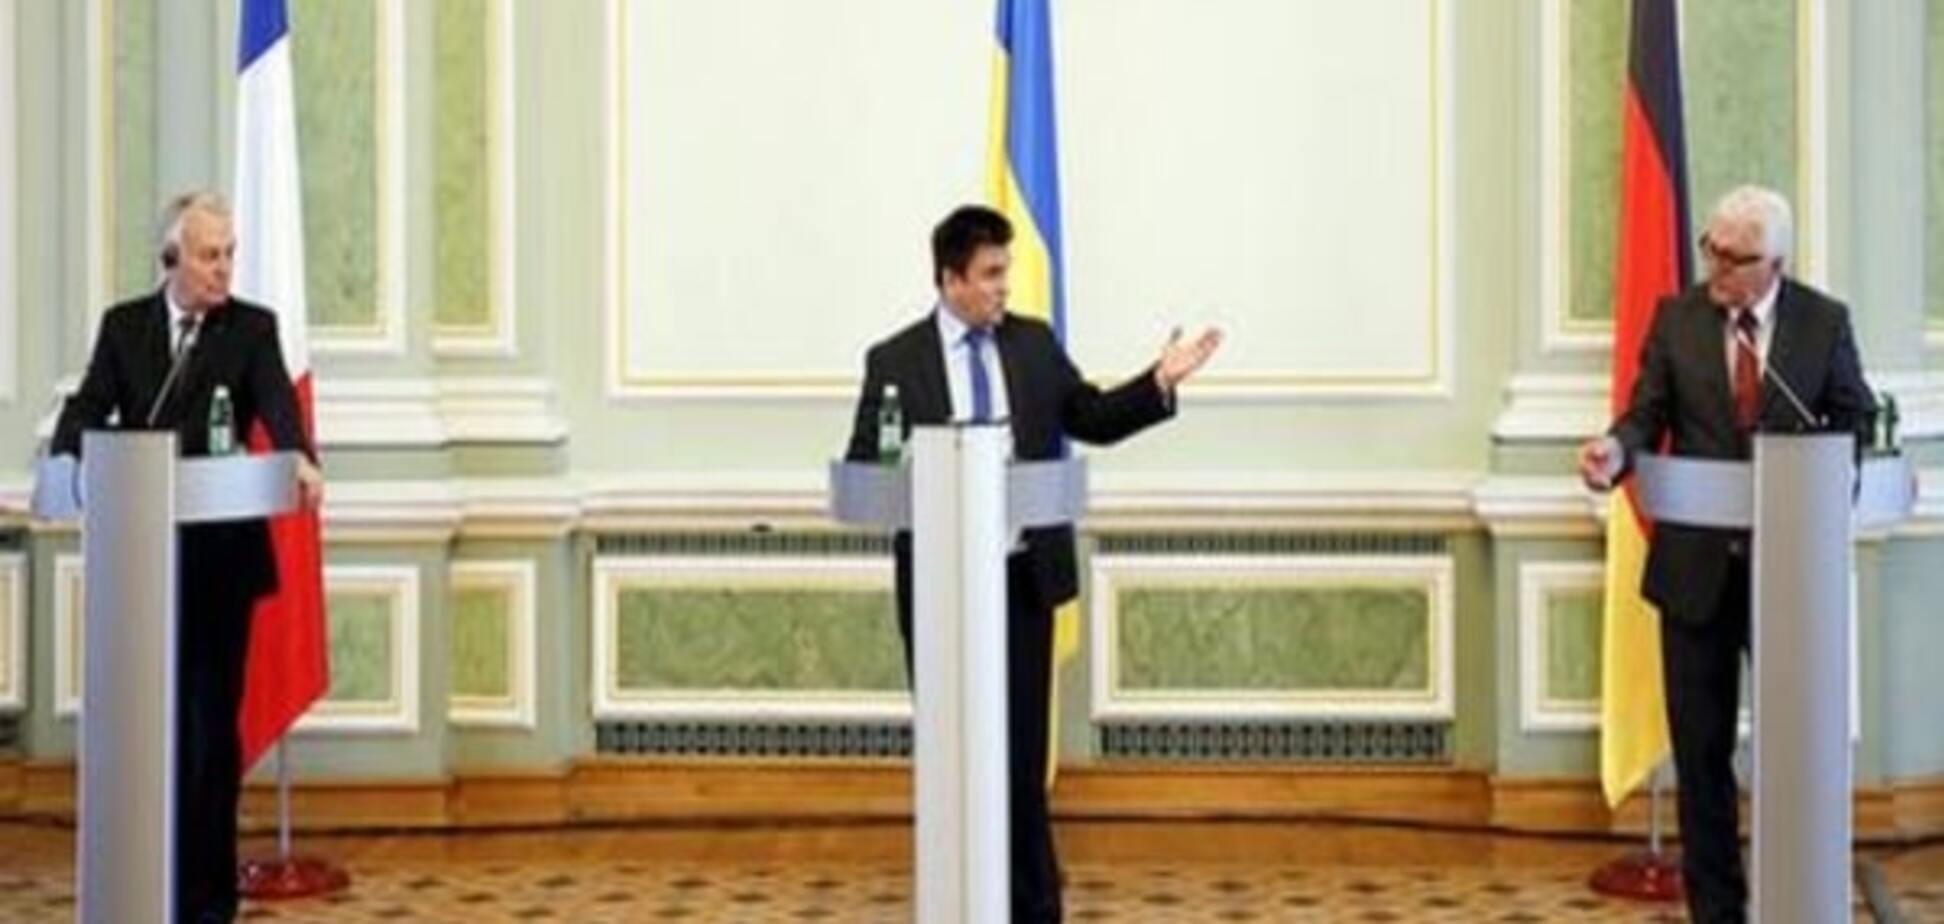 Главы МИД Германии и Франции сделали Украине 'ясное предостережение' - журналист